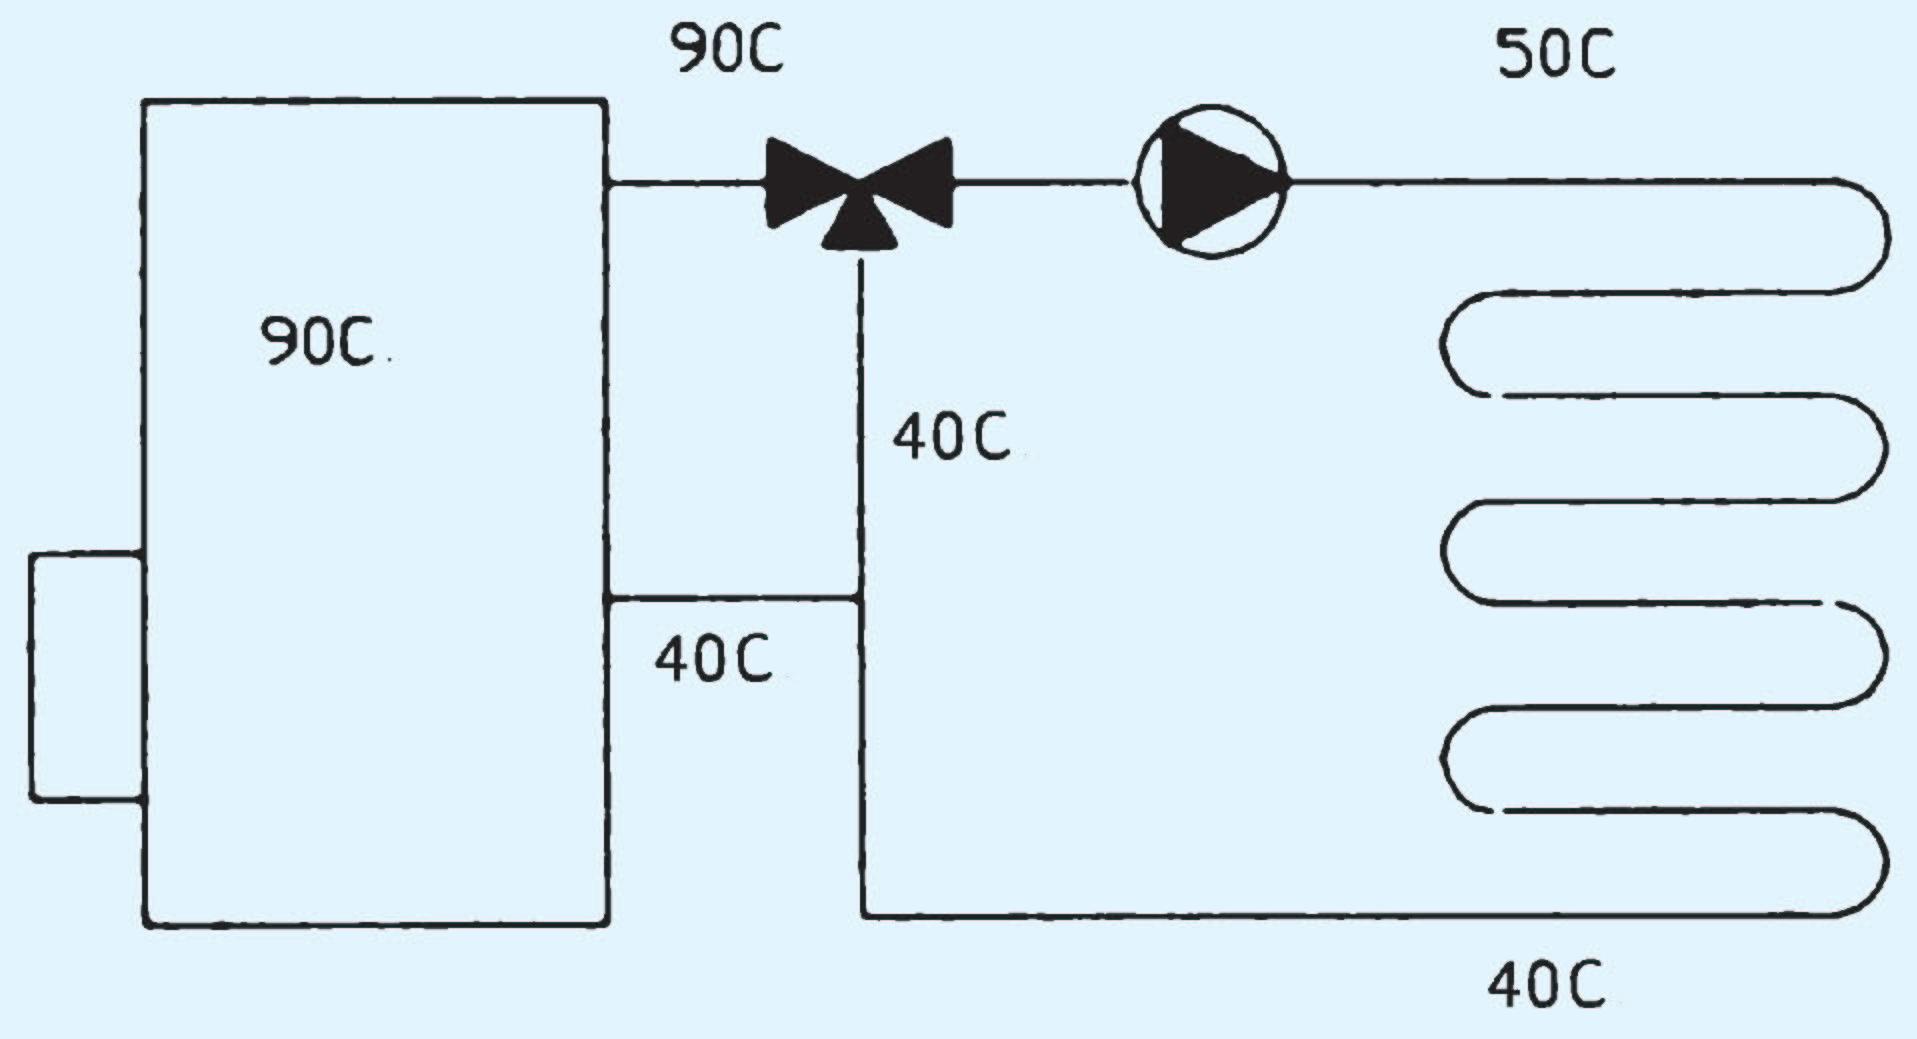 regelung der fu bodenheizung hydraulische schaltungen shkwissen haustechnikdialog. Black Bedroom Furniture Sets. Home Design Ideas